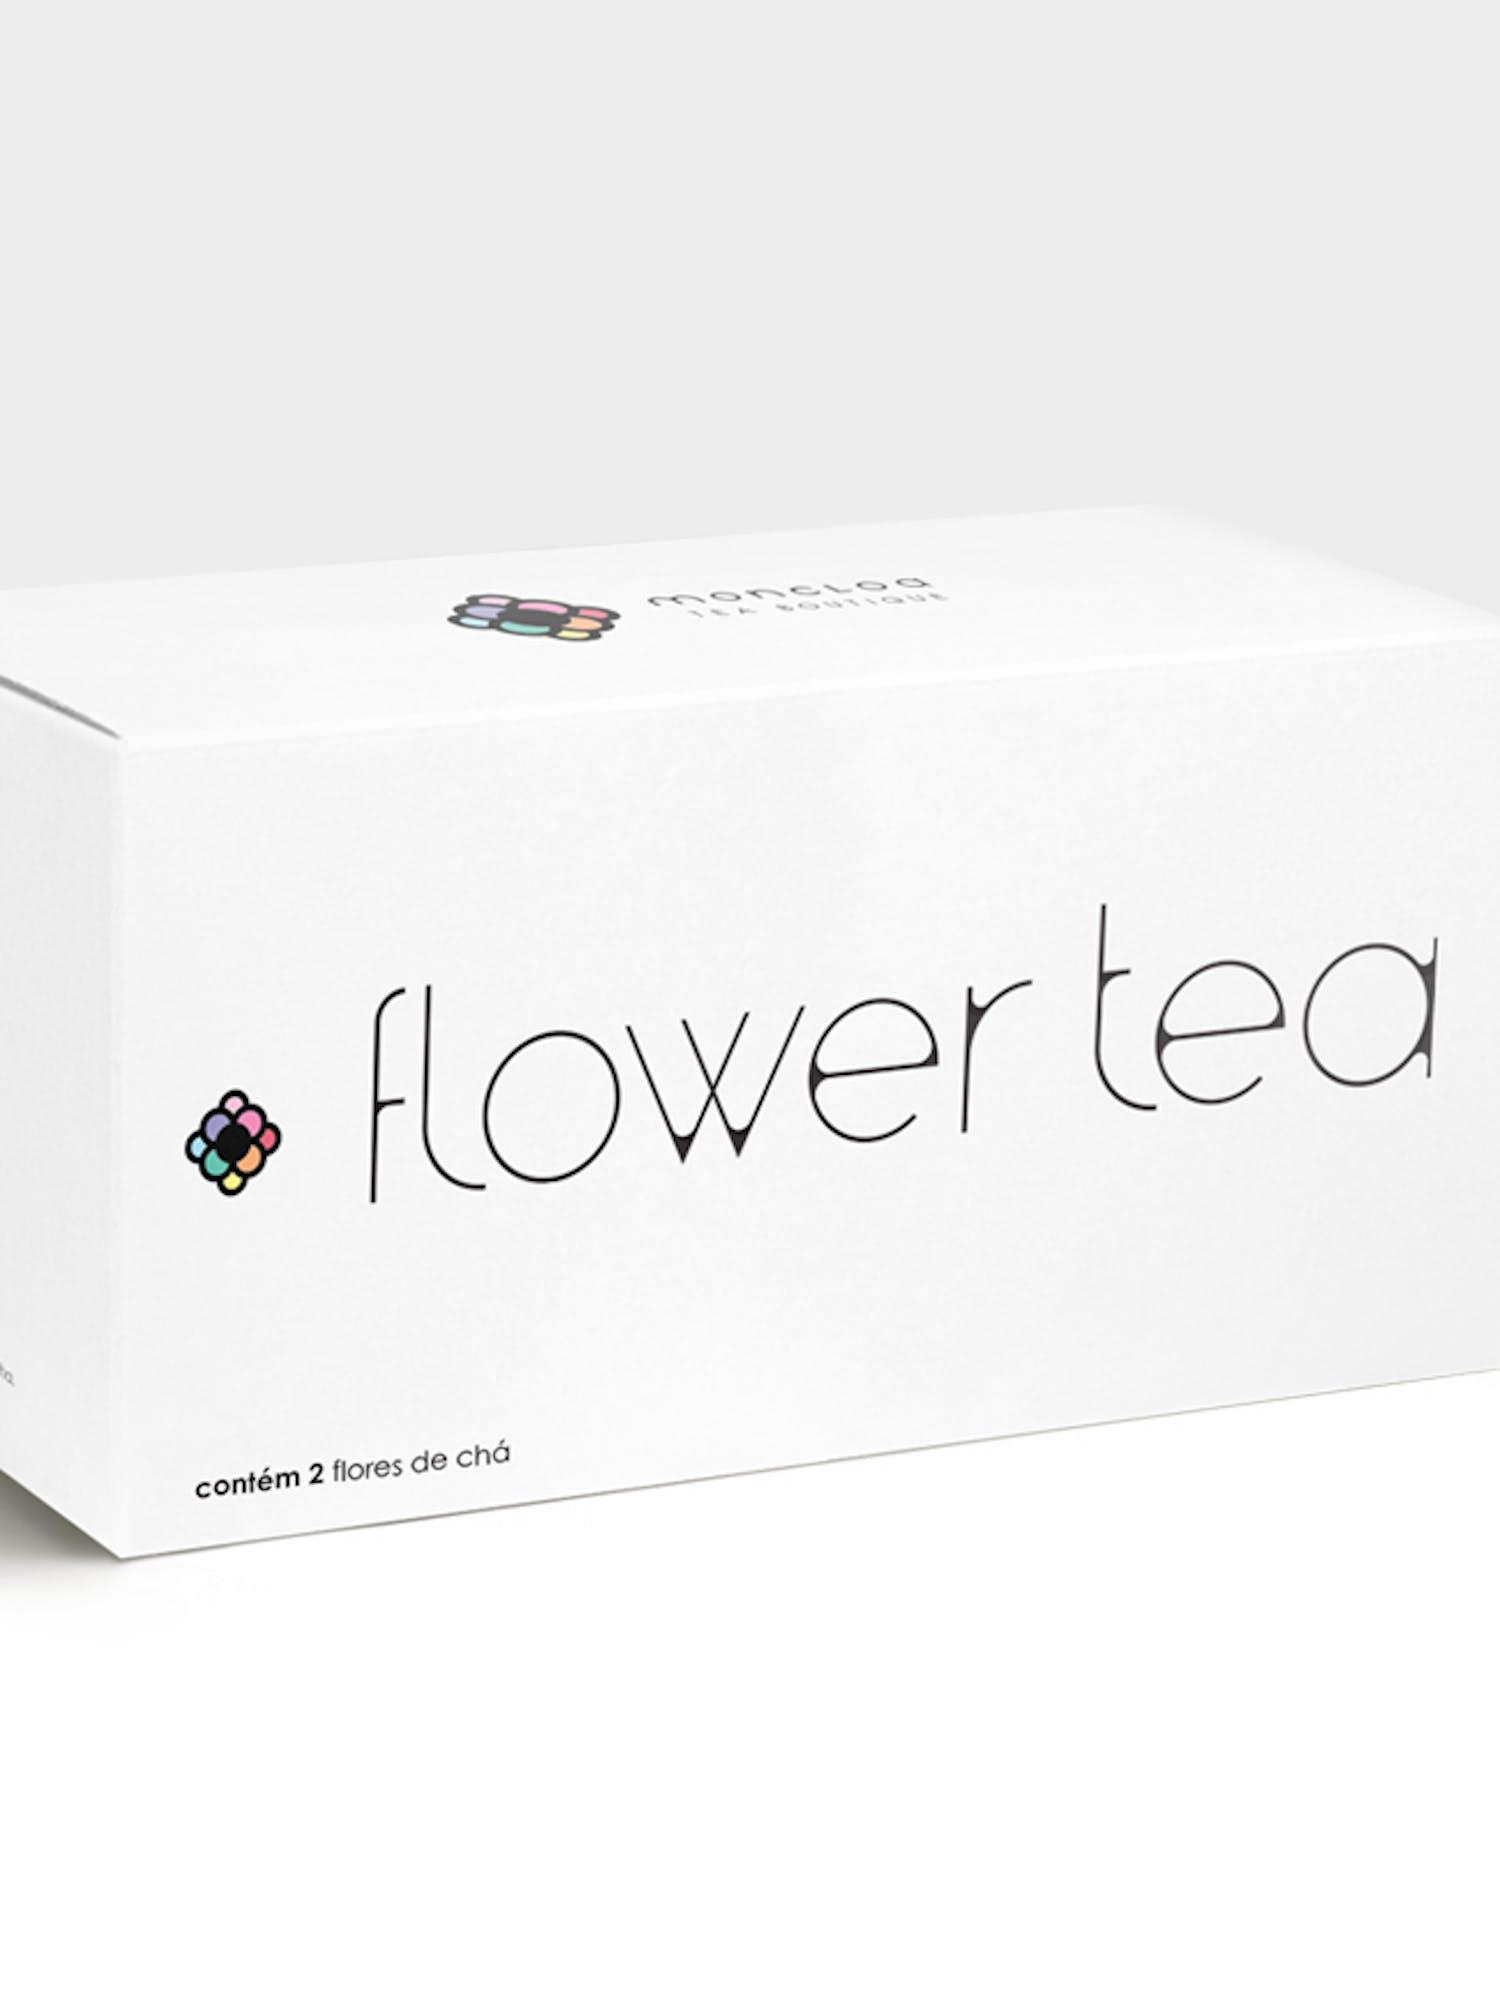 Imagem de uma caixa de chá na cor branco.